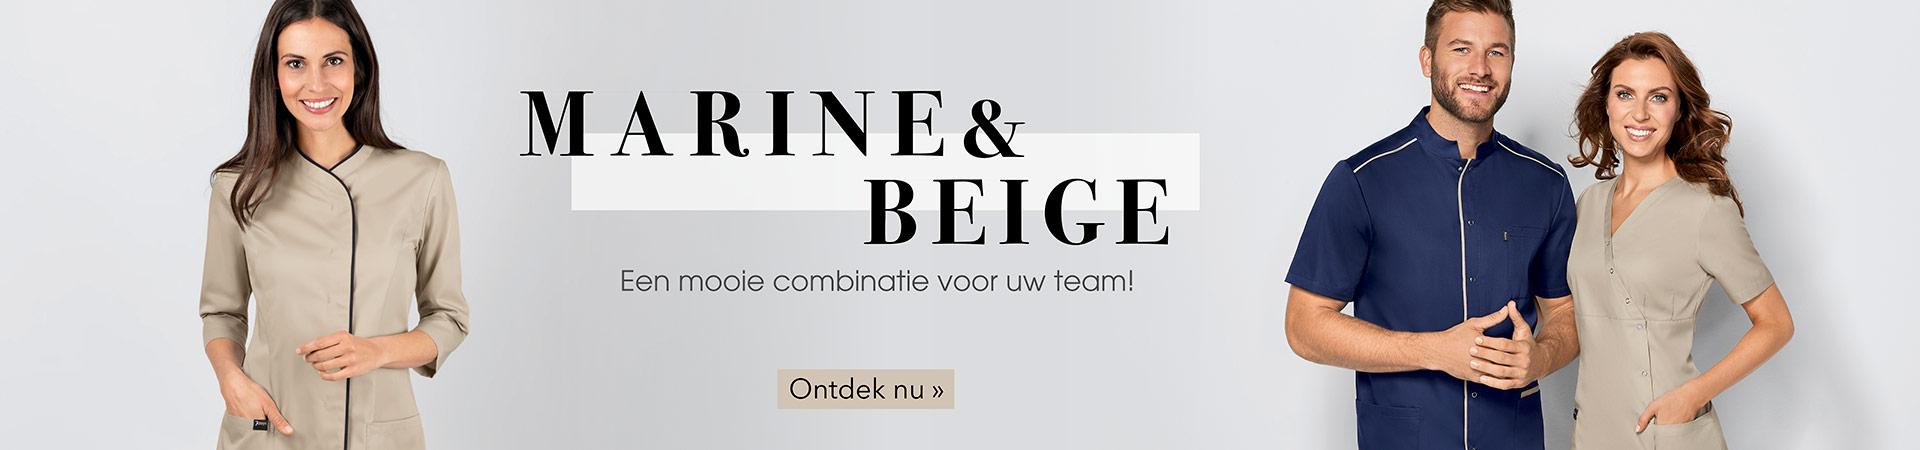 Marine & Beige